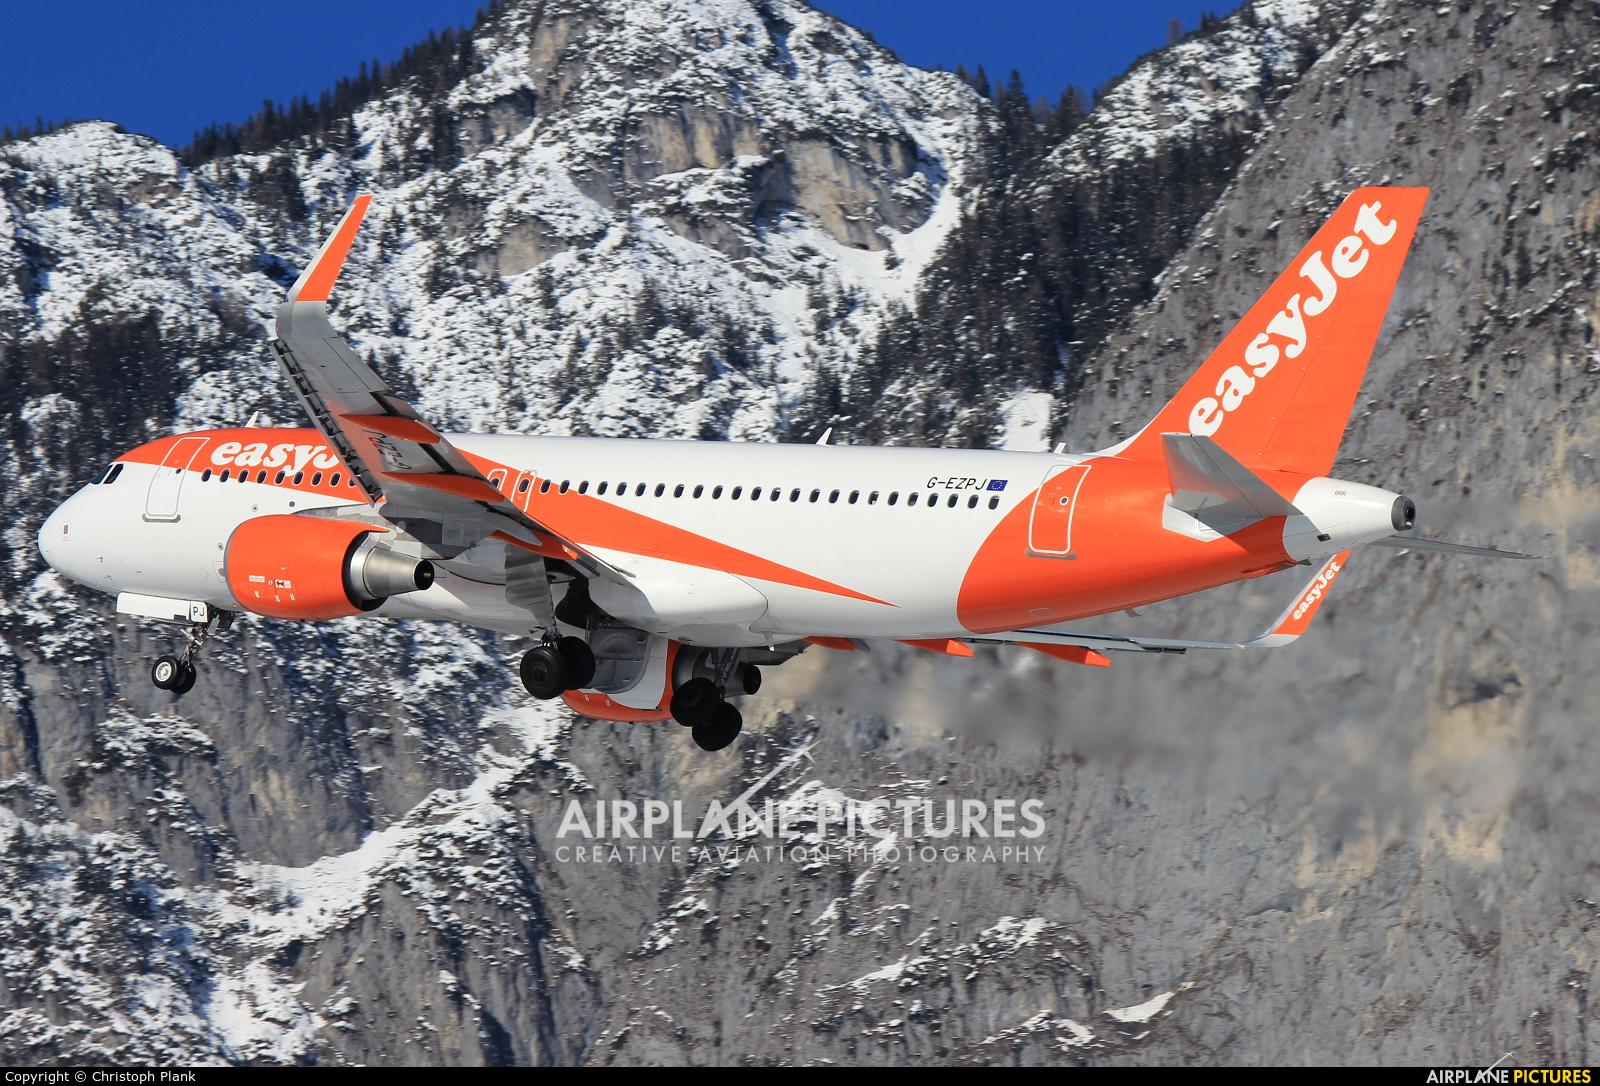 easyJet G-EZPJ aircraft at Innsbruck